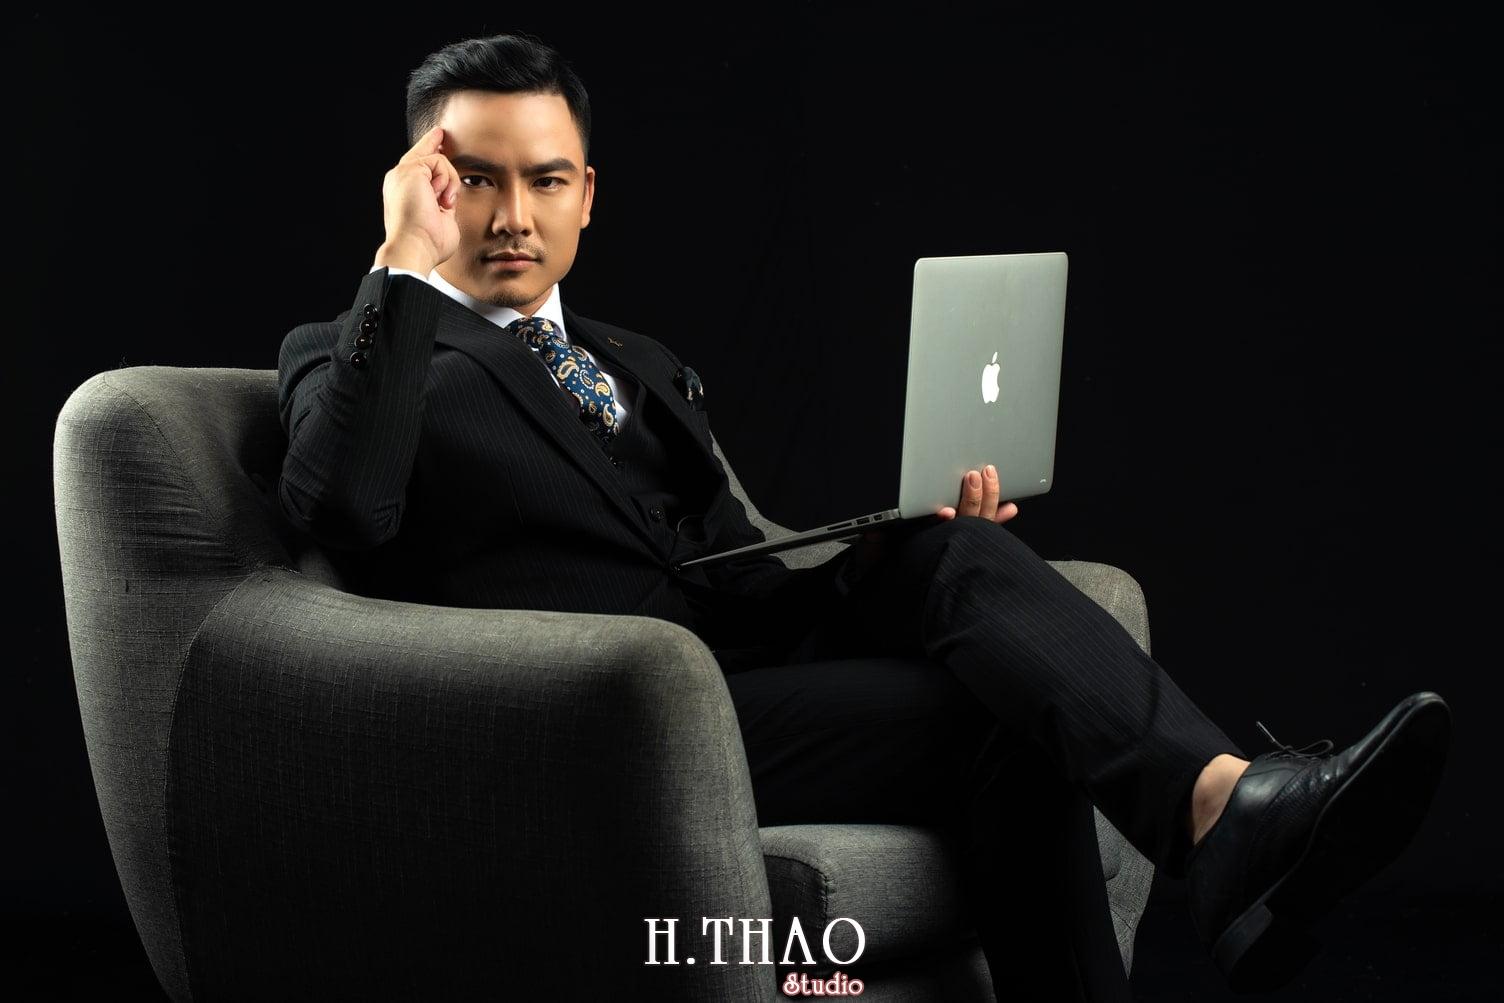 Anh Doanh nhan 33 1 - Ảnh doanh nhân, CEO & Founder PFT Academy Mr.Tuan Anh – HThao Studio